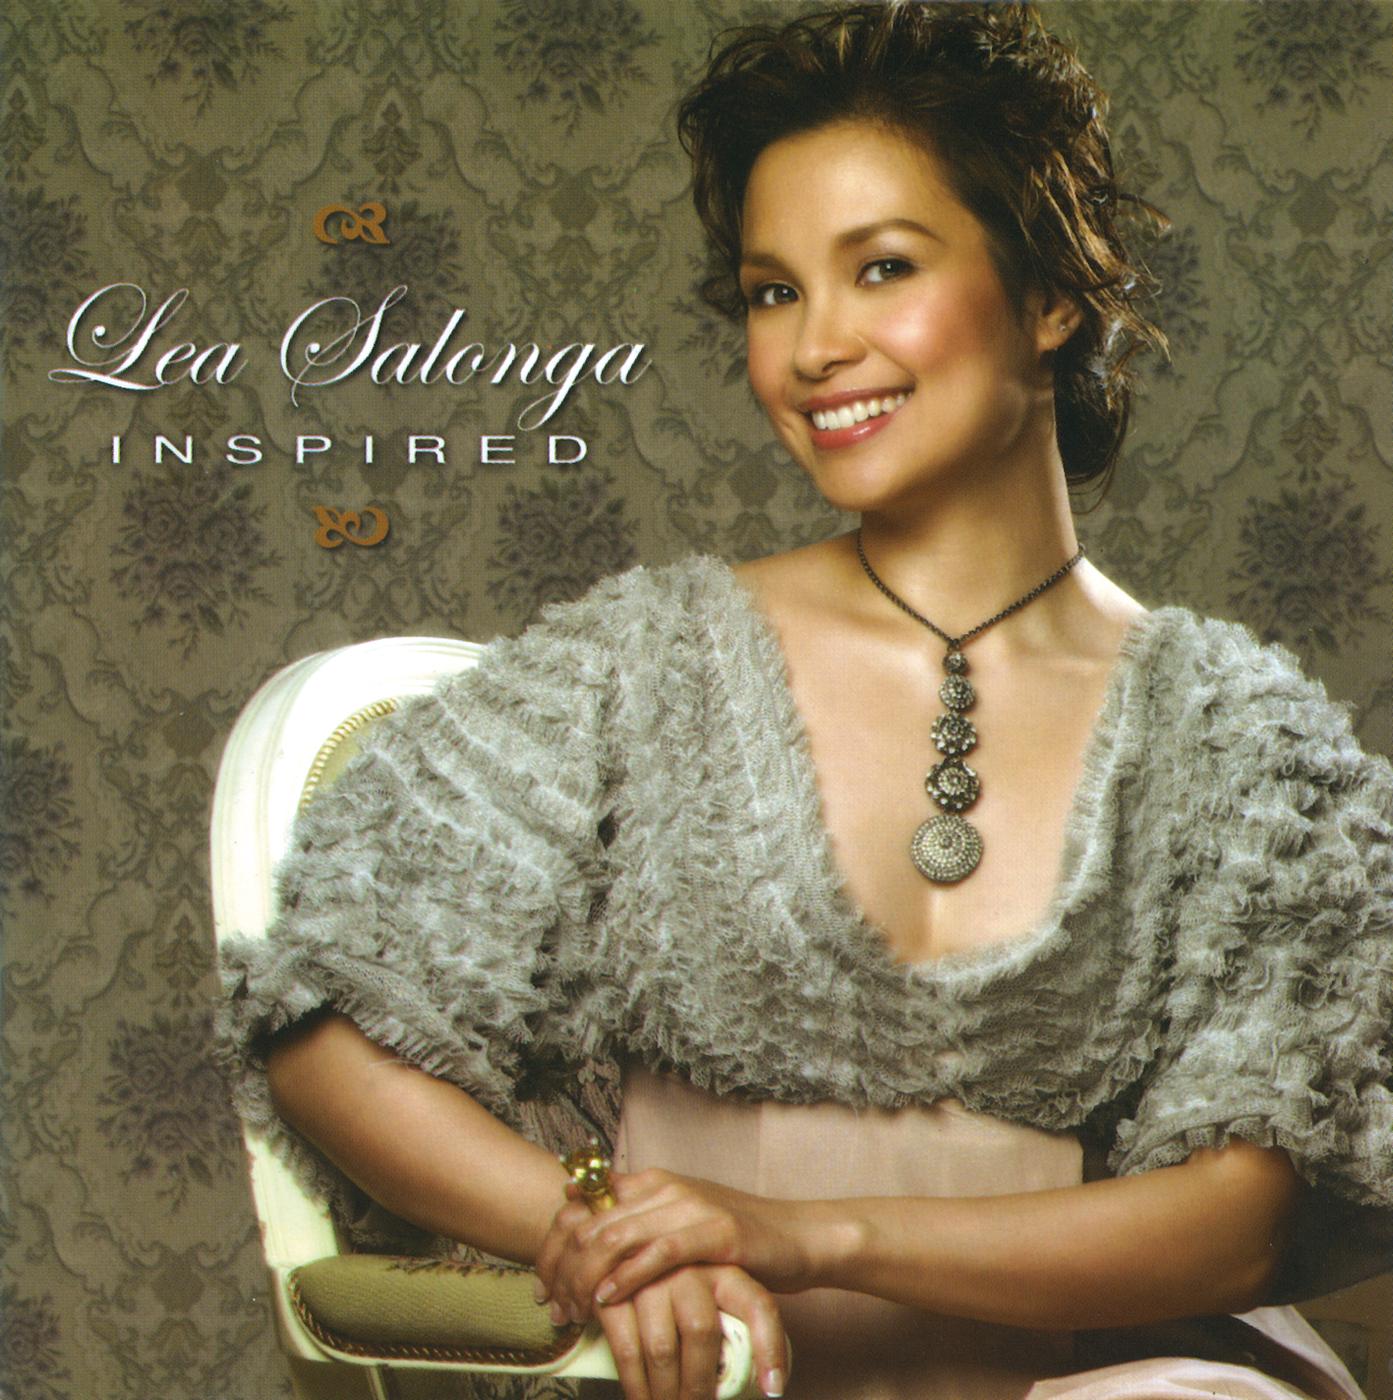 Inspired - Lea Salonga